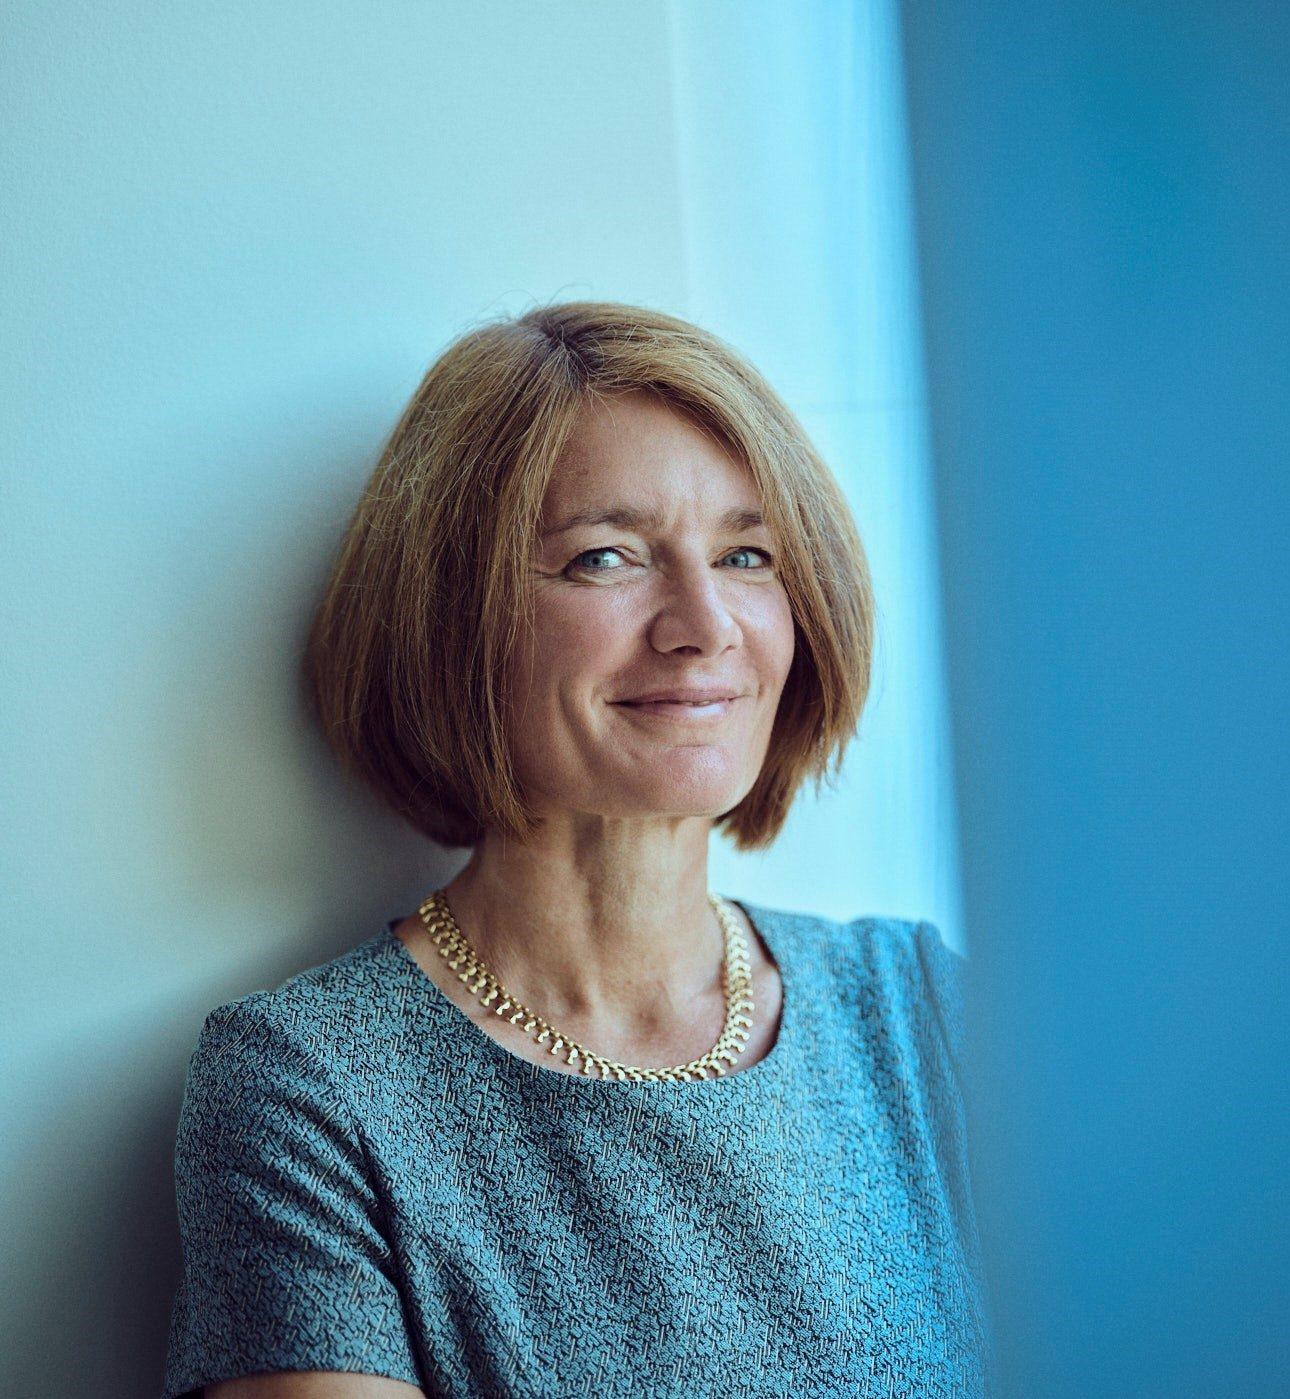 Professor Anja Boisen